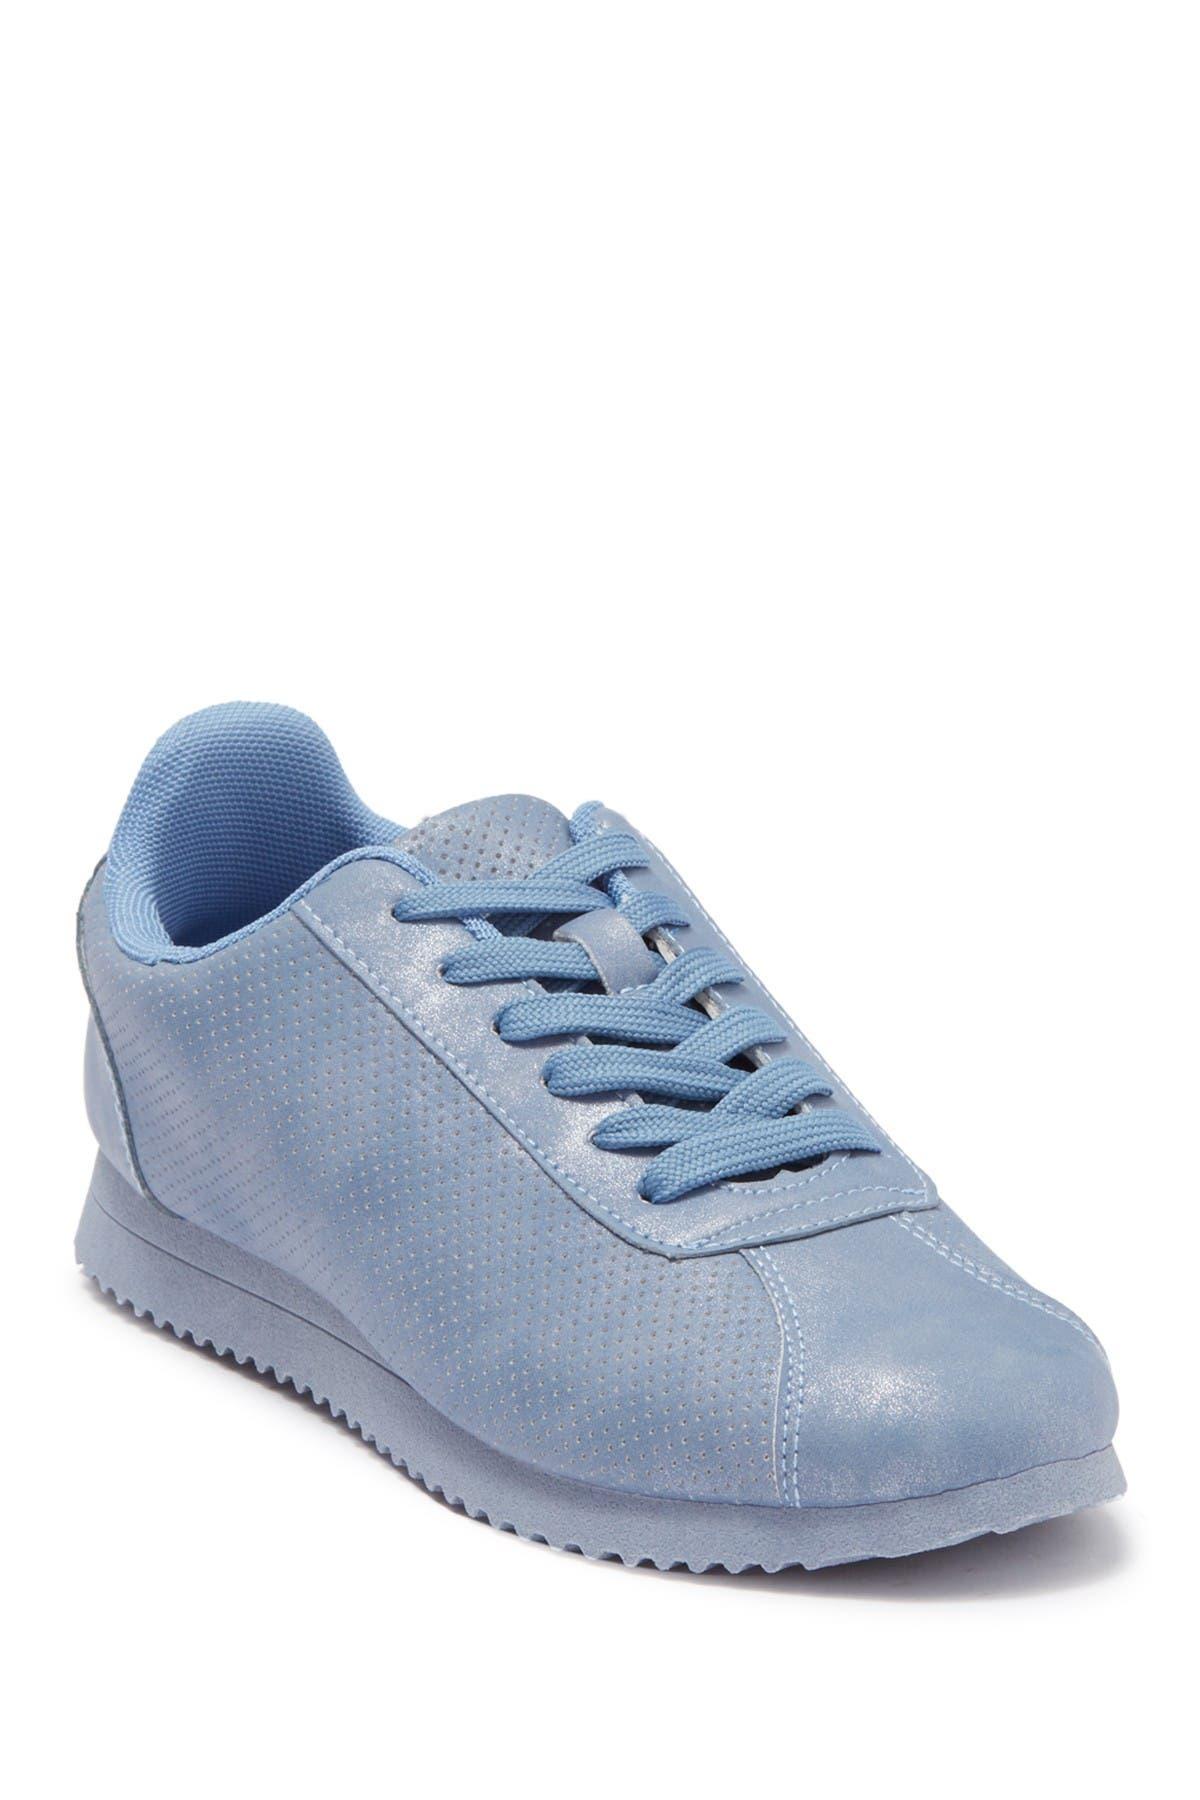 Image of DANSKIN Tonal Perforated Sneaker